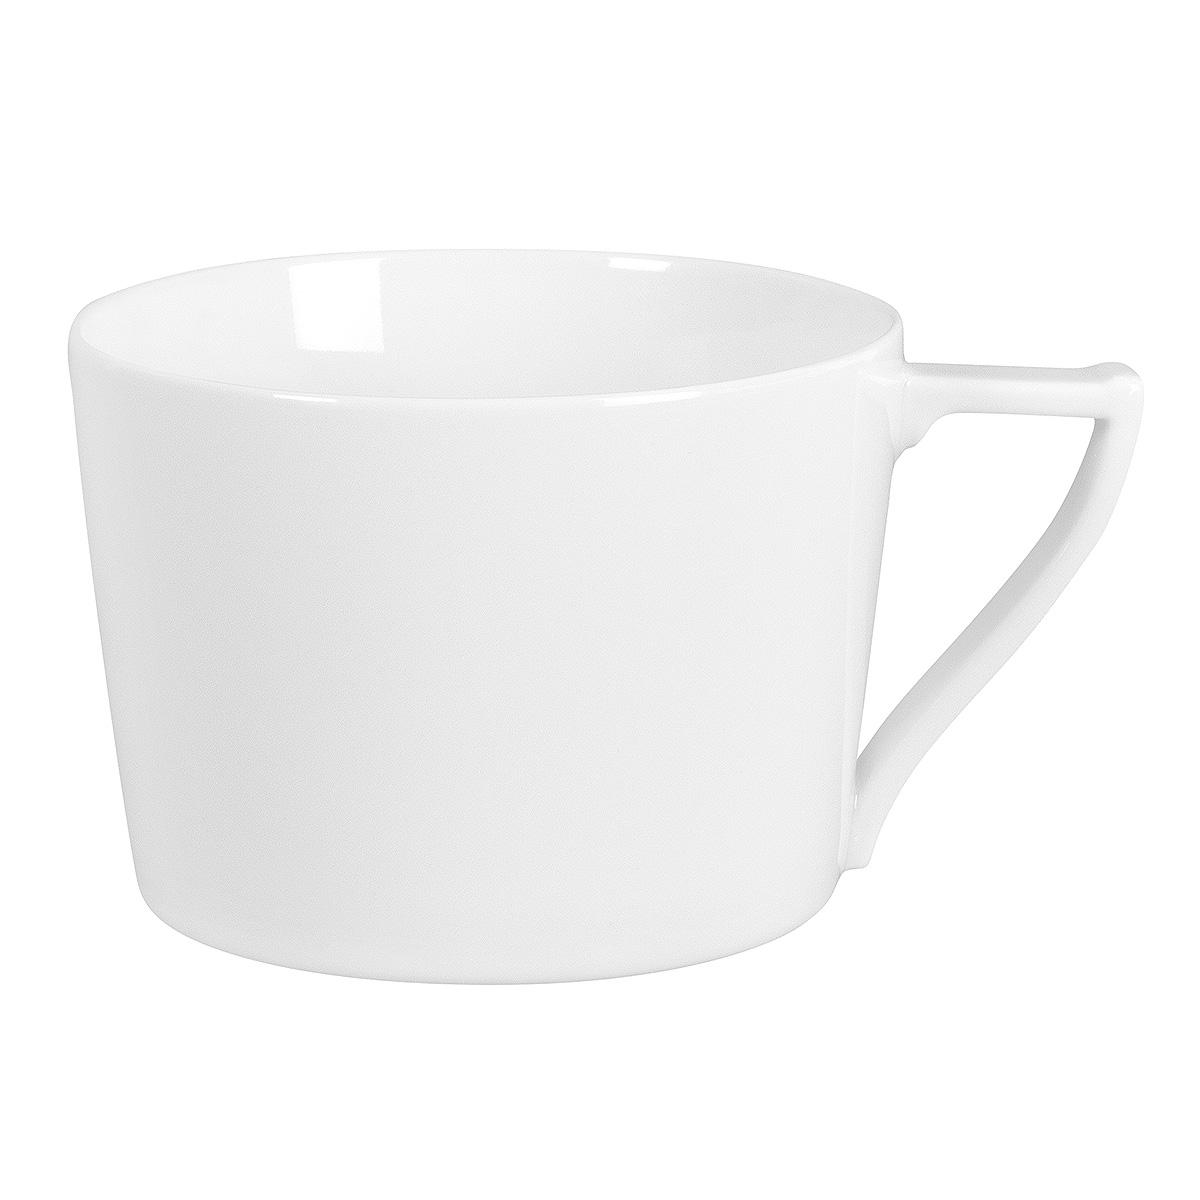 newport blanc soucoupe espresso ronde 12 5 cm les tasses la table parisienne. Black Bedroom Furniture Sets. Home Design Ideas